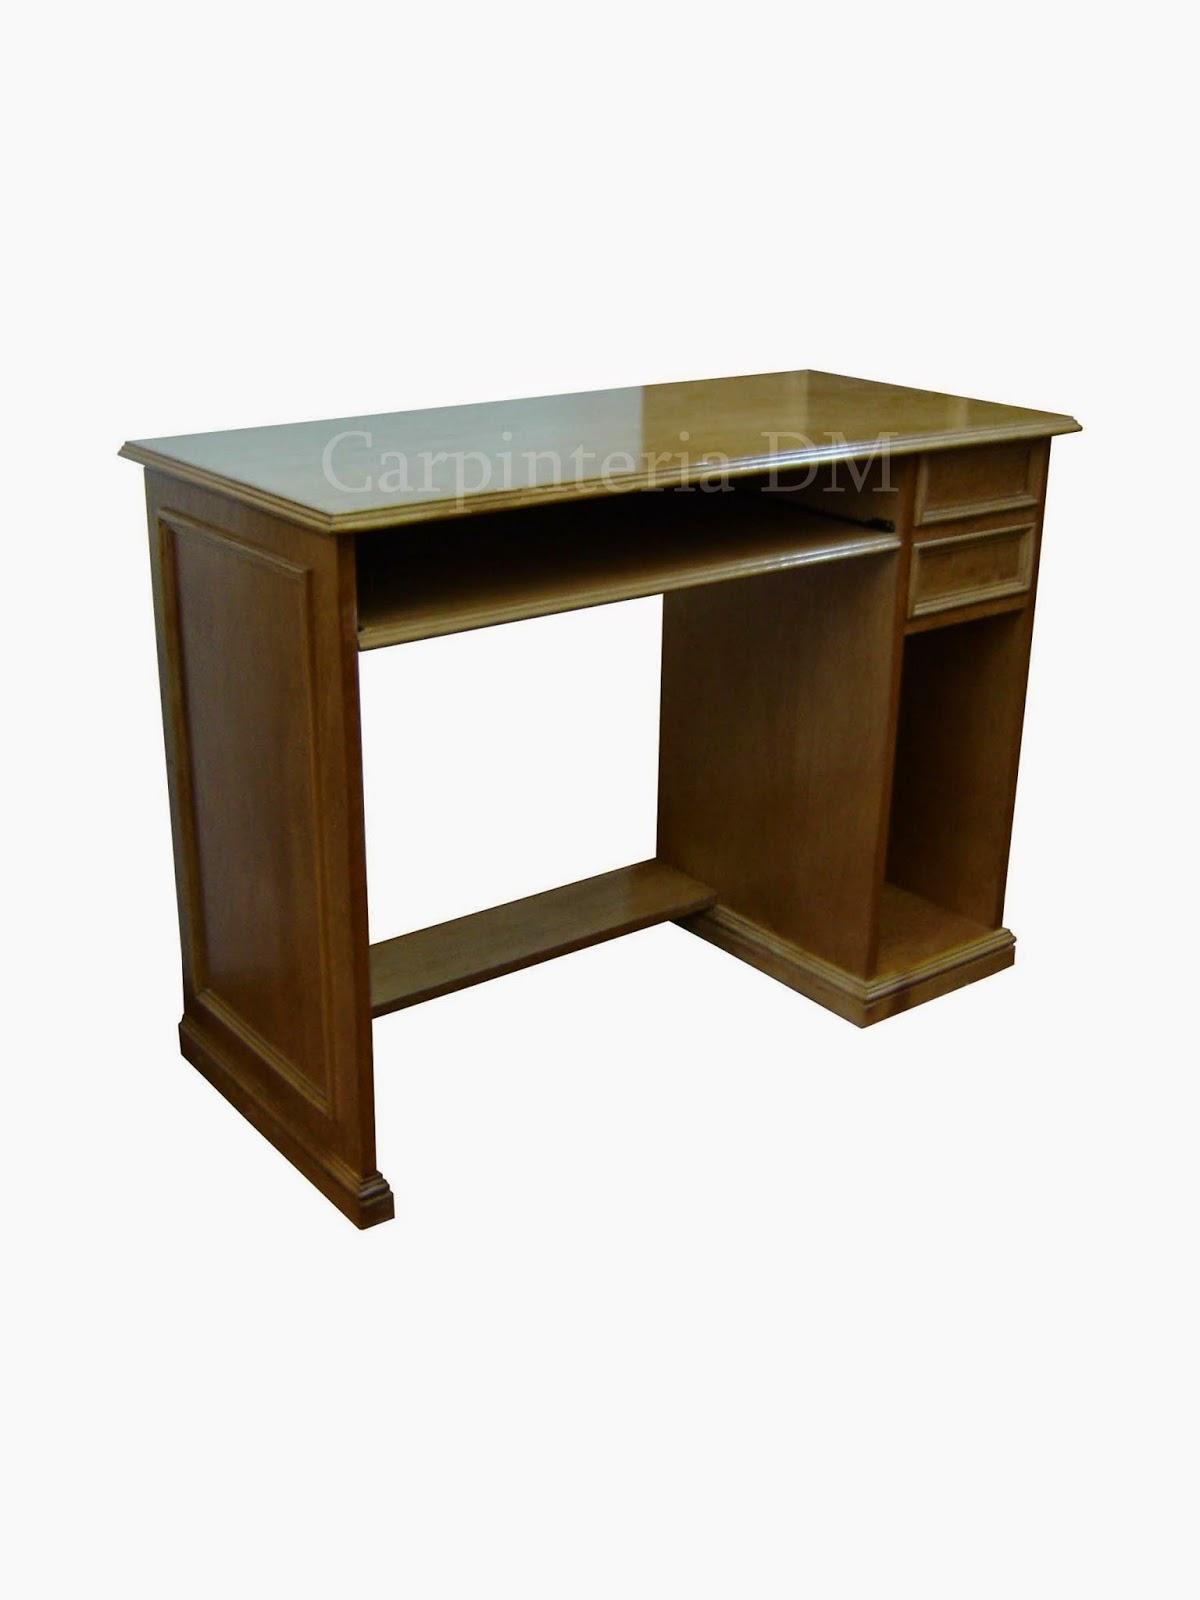 mesas de computacion y escritorios capinteriadm dise os. Black Bedroom Furniture Sets. Home Design Ideas